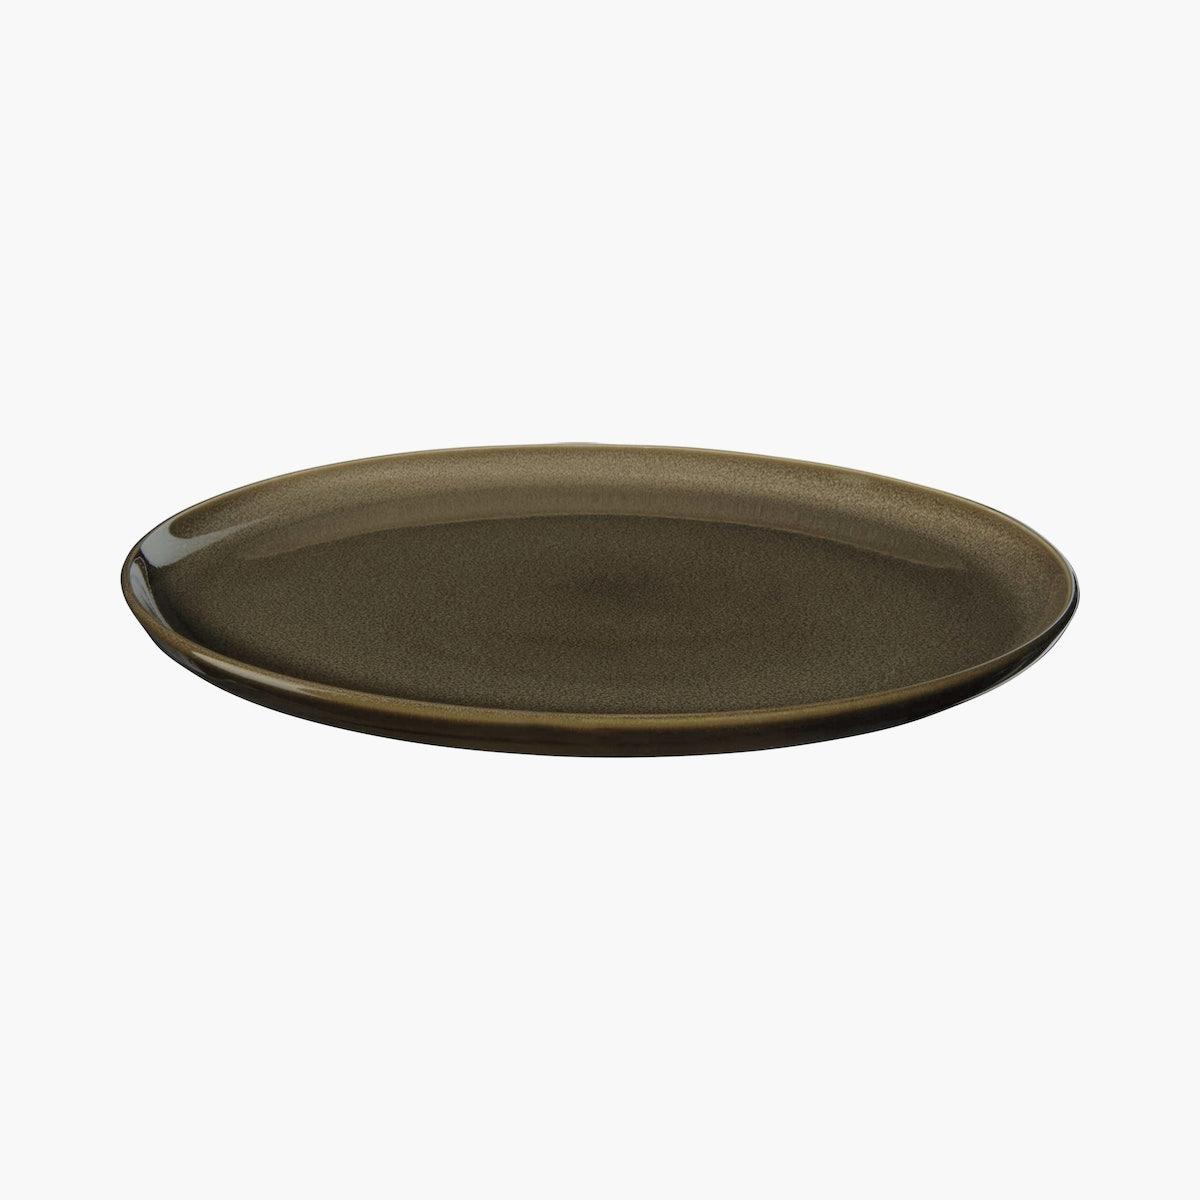 Kolibri Dessert Plate